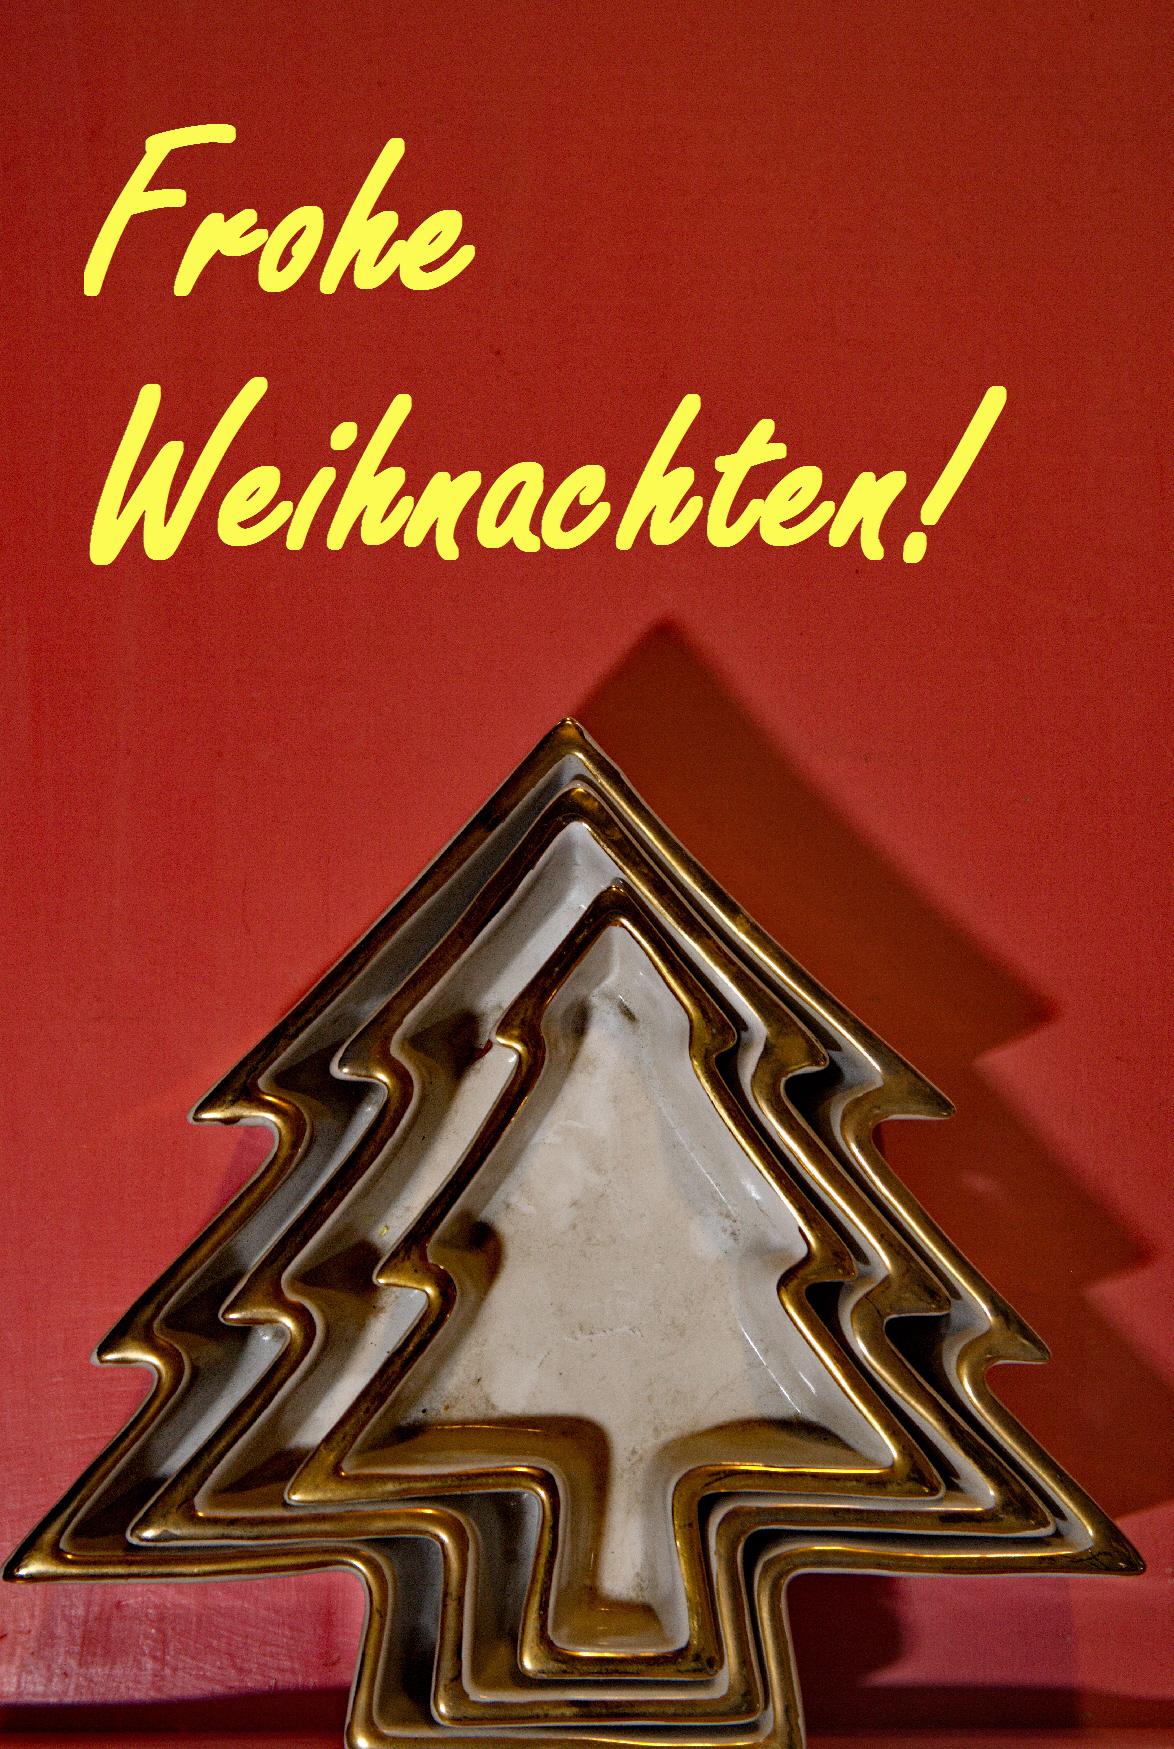 kostenlose weihnachtskarten mit weihnachtsbaum weihnachten. Black Bedroom Furniture Sets. Home Design Ideas